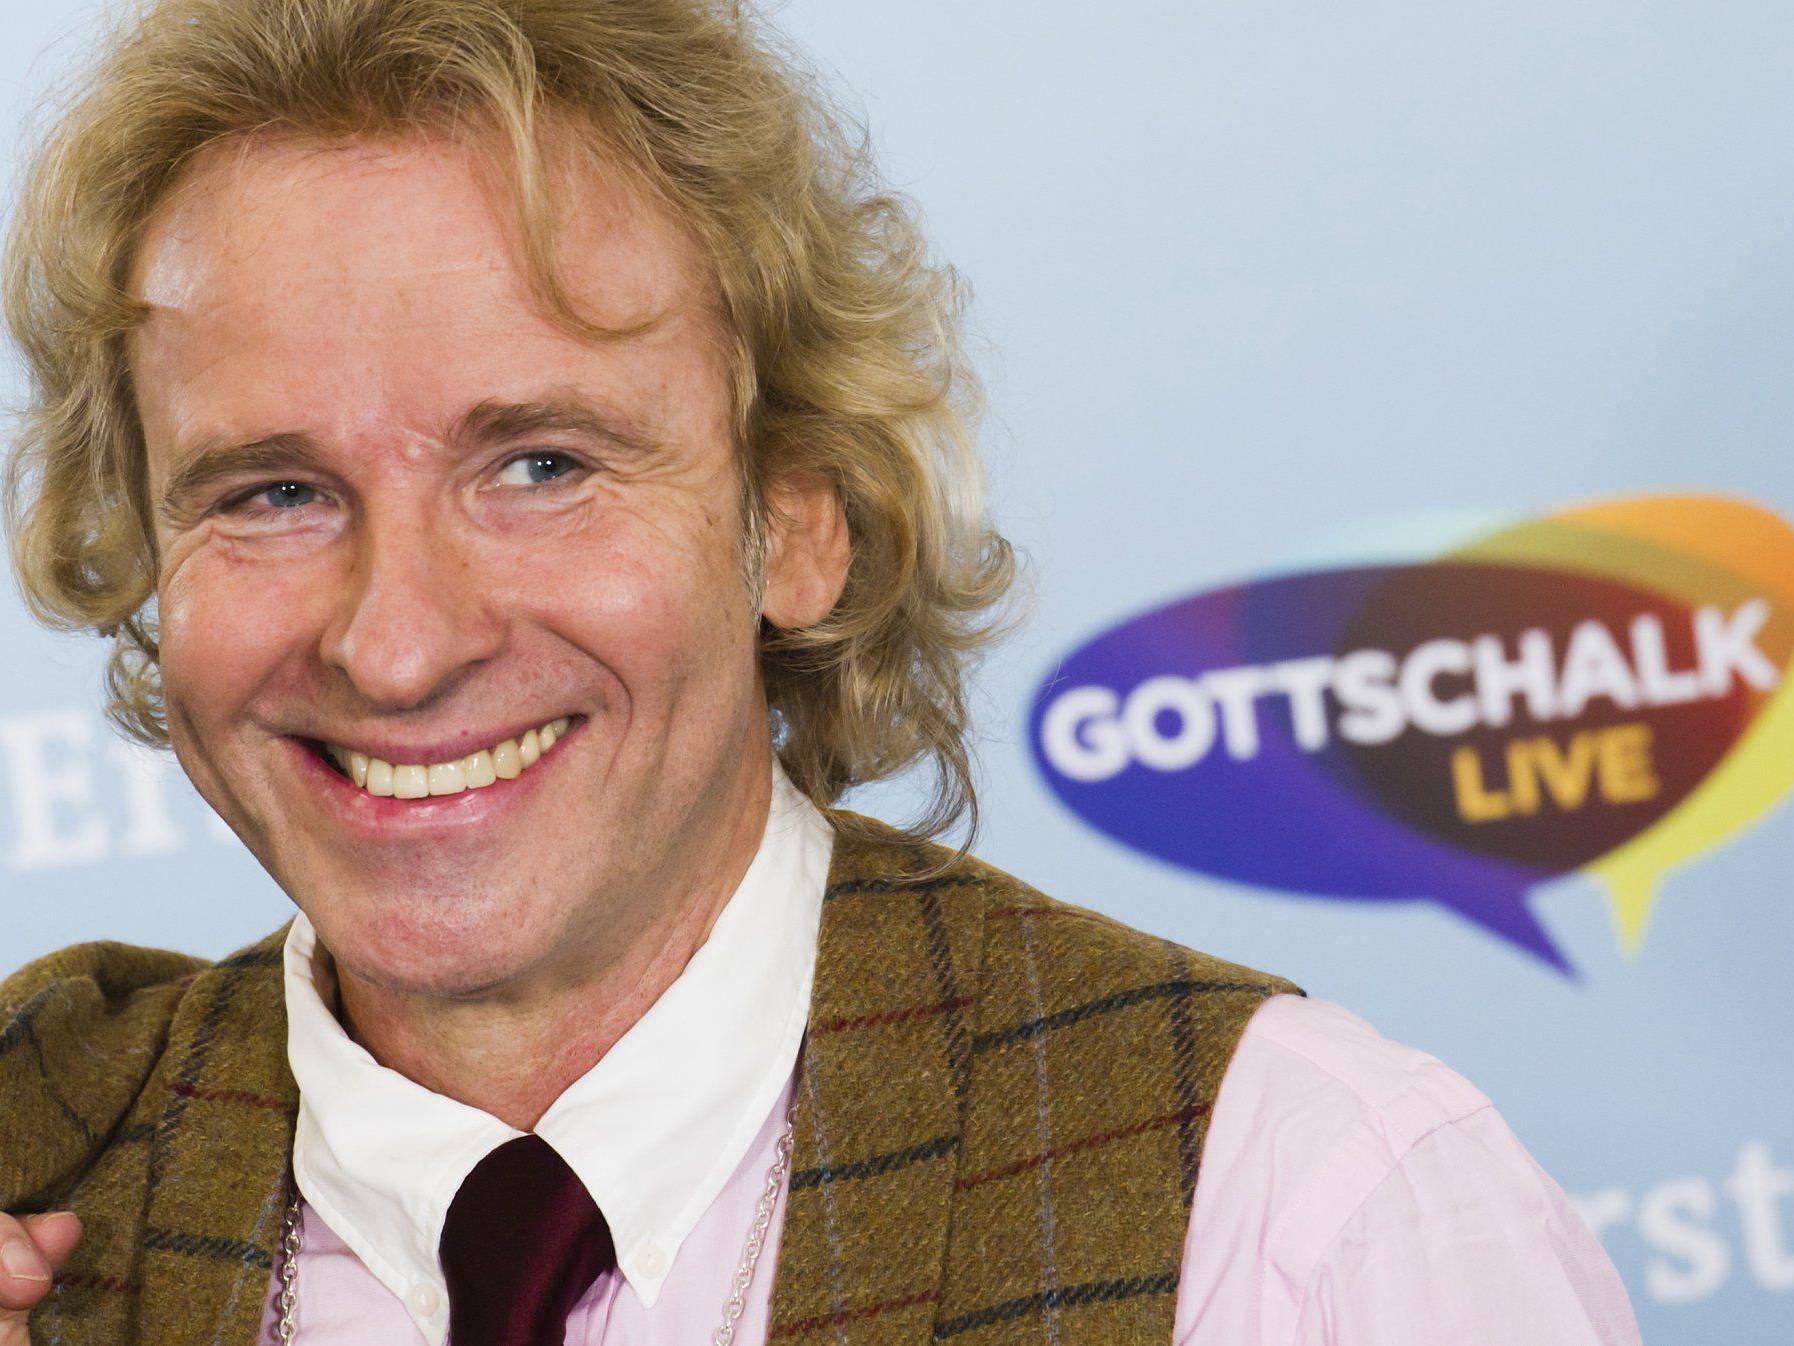 """""""Gottschalk Live"""" ist bei Zuschauern nicht erfolgreich."""